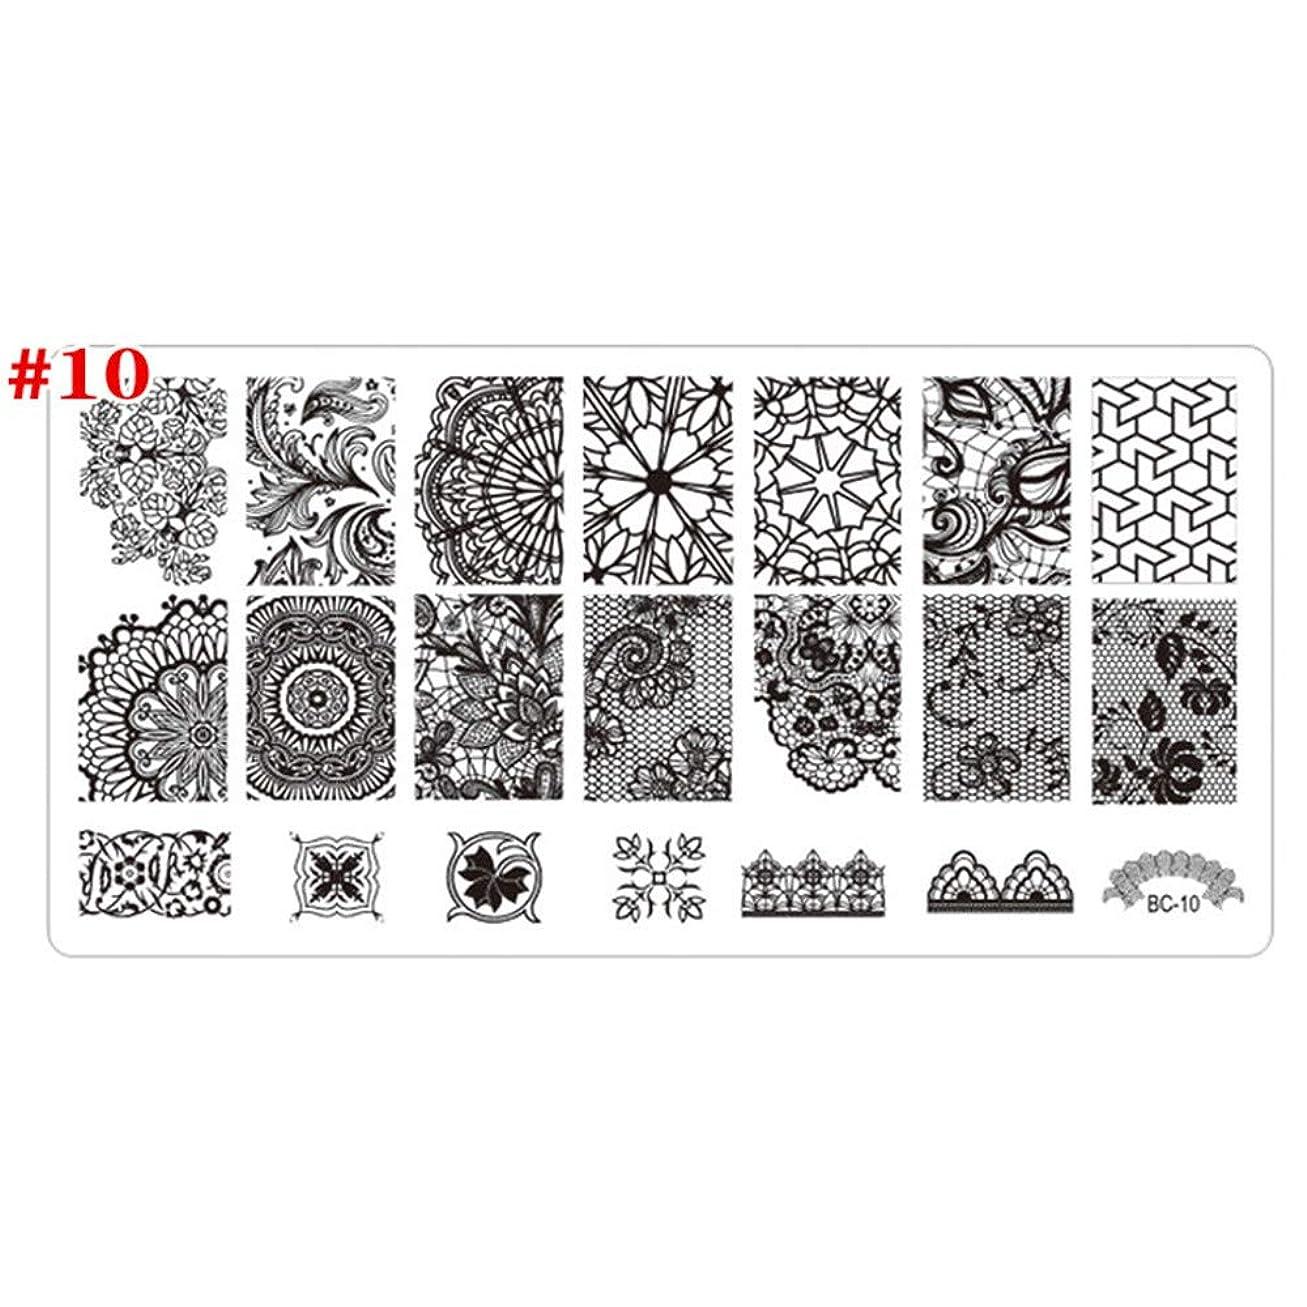 魔術省略蒸発する1st market プレミアム品質ラウンドフラワースタンピング印刷ネイルアートスタンプイメージテンプレートポーランドネイルステンシルマニキュア10#